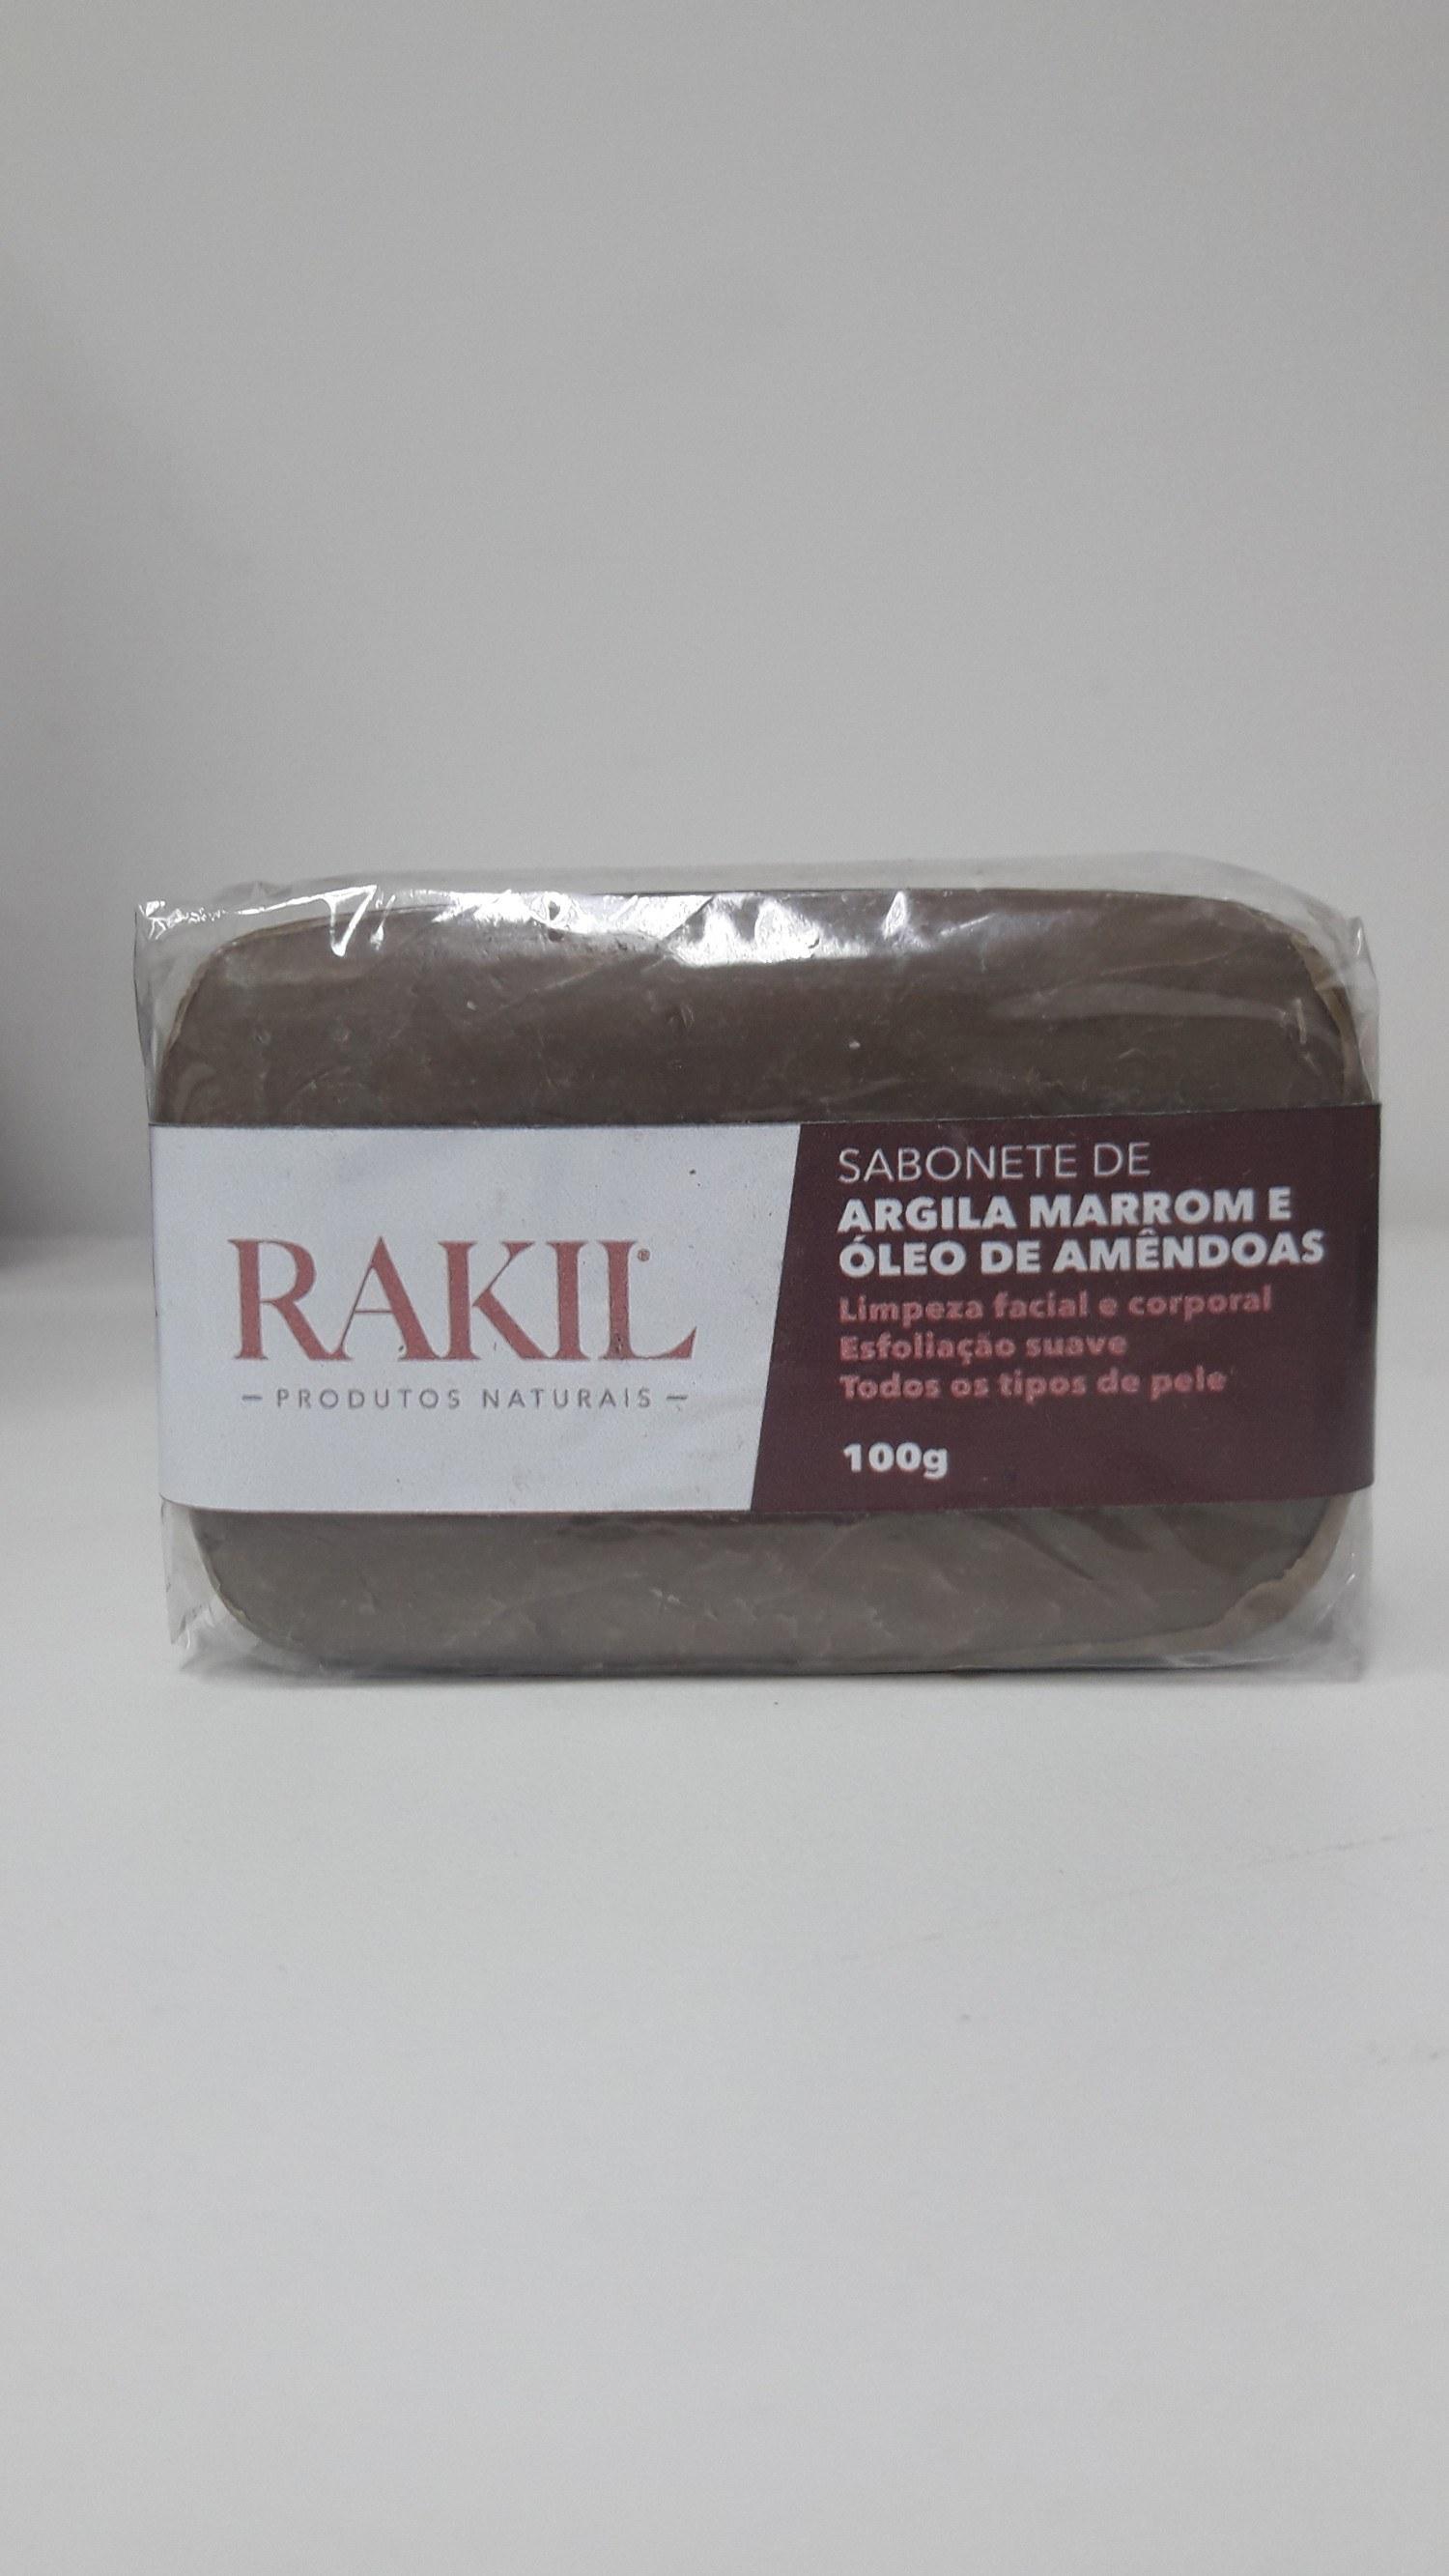 SABONETE DE ARGILA MARROM ÓLEO DE AMÊNDOAS 100 g